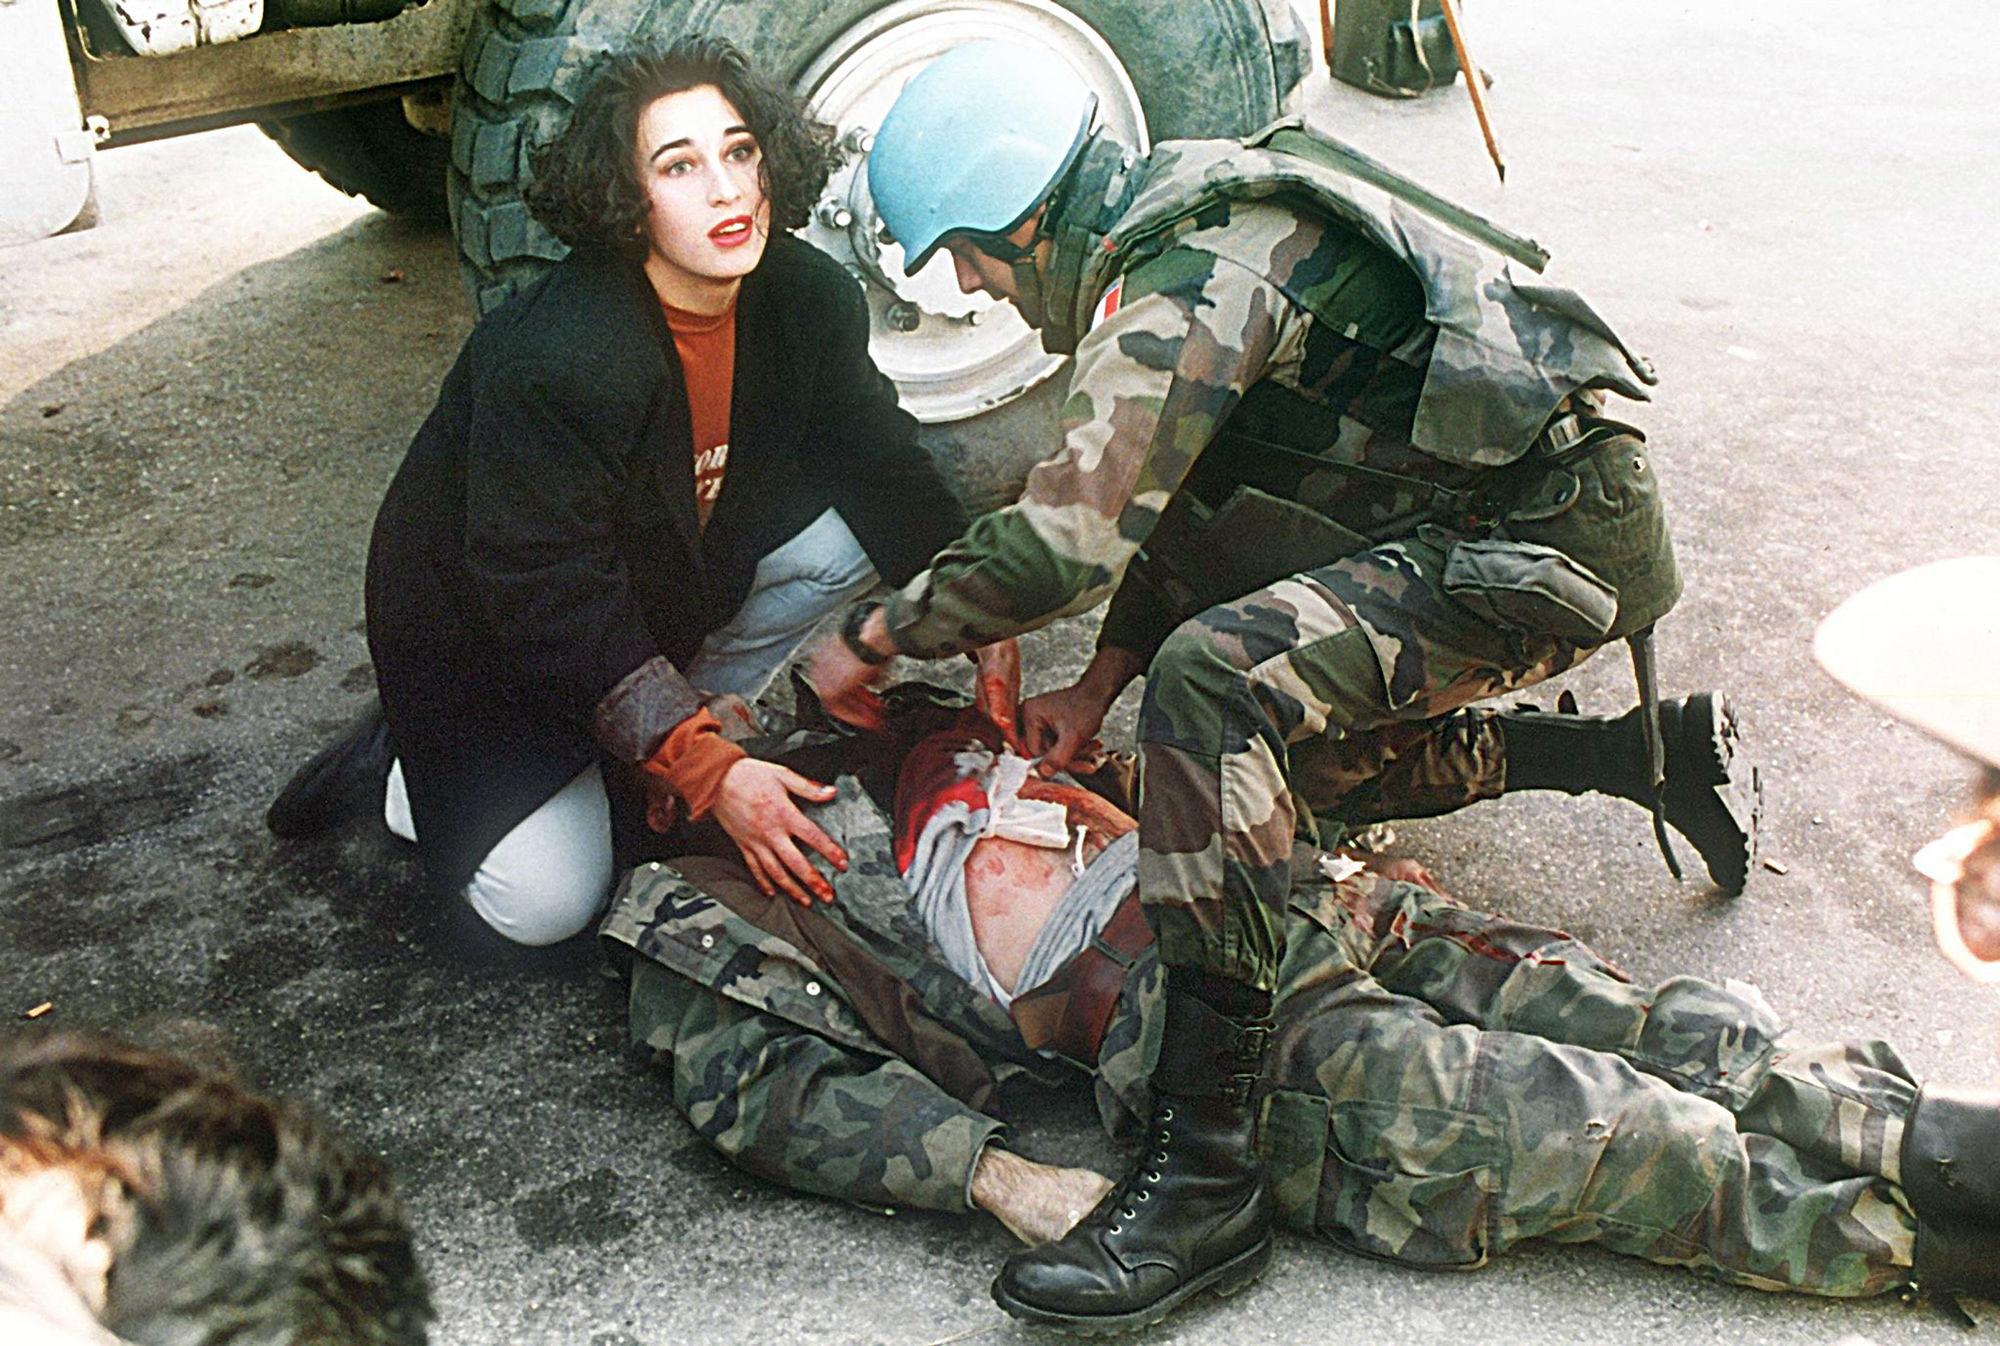 GOSEE ART: Sterbender bosnischer Soldat, Sarajevo, Bosnien,  21. November 1994 © Anja Niedringhaus/EPA